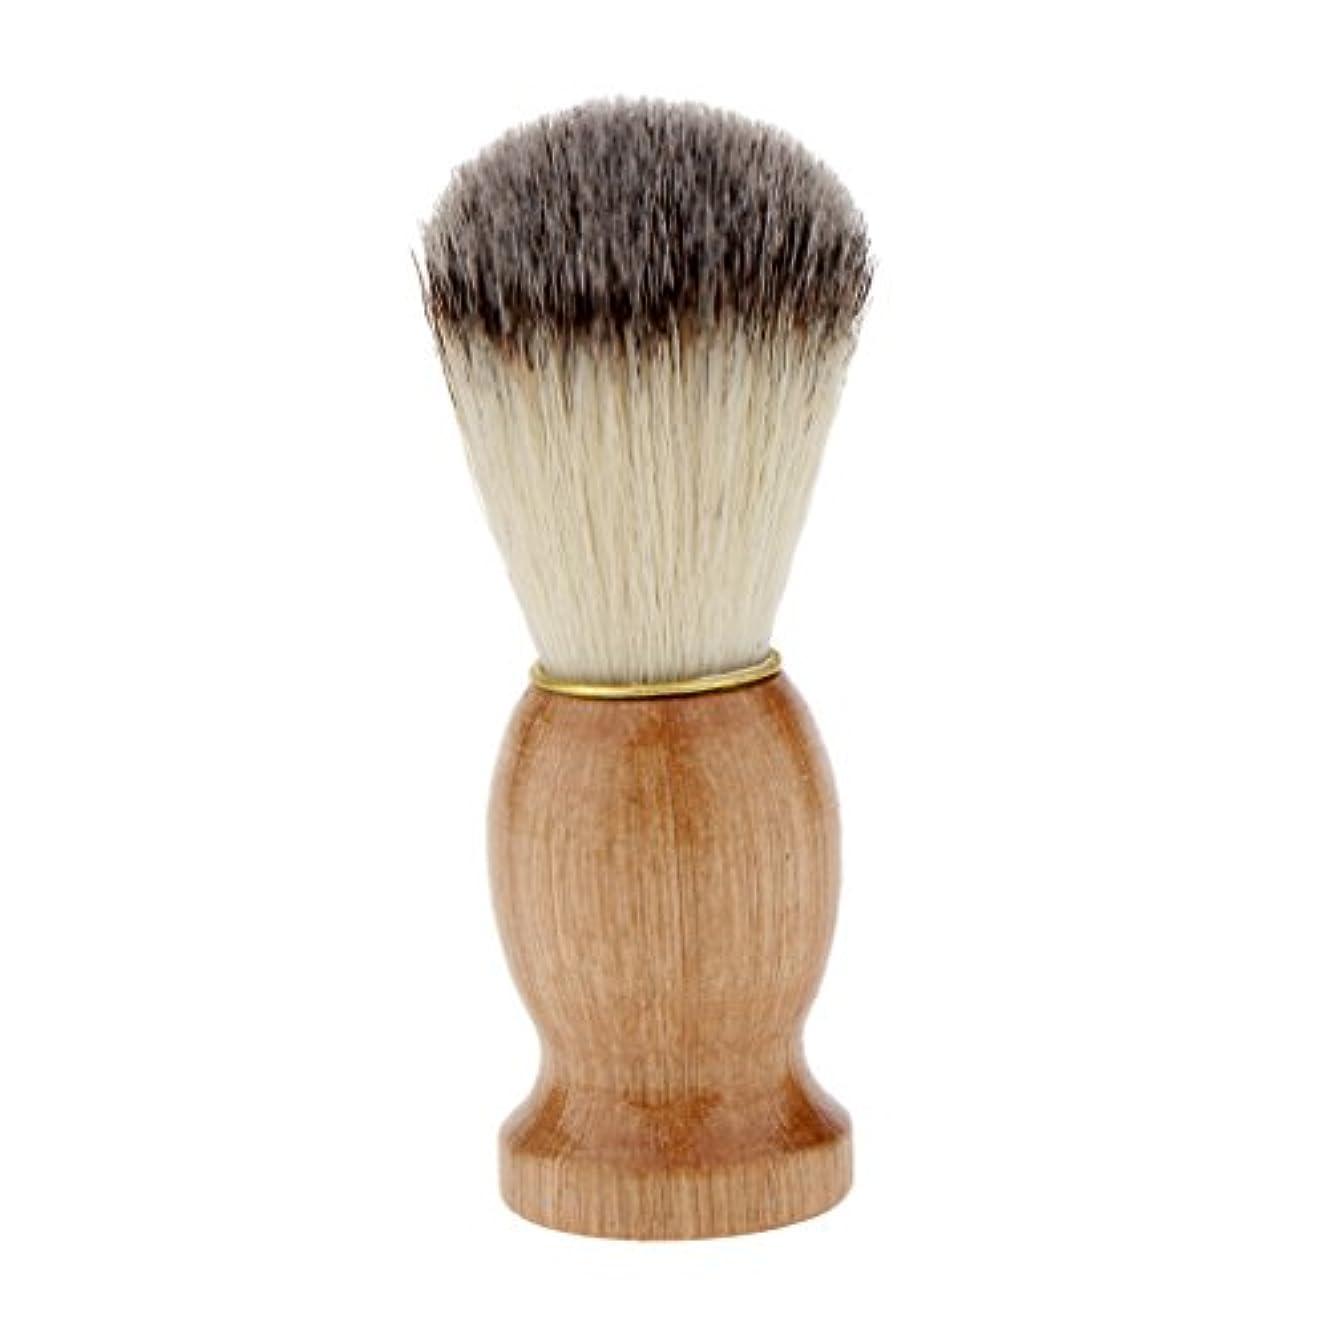 行き当たりばったり遺伝子優れた男性ギフト剃毛シェービングブラシプロ理髪店サロン剛毛ブラシウッドハンドルダストクリーニングツール